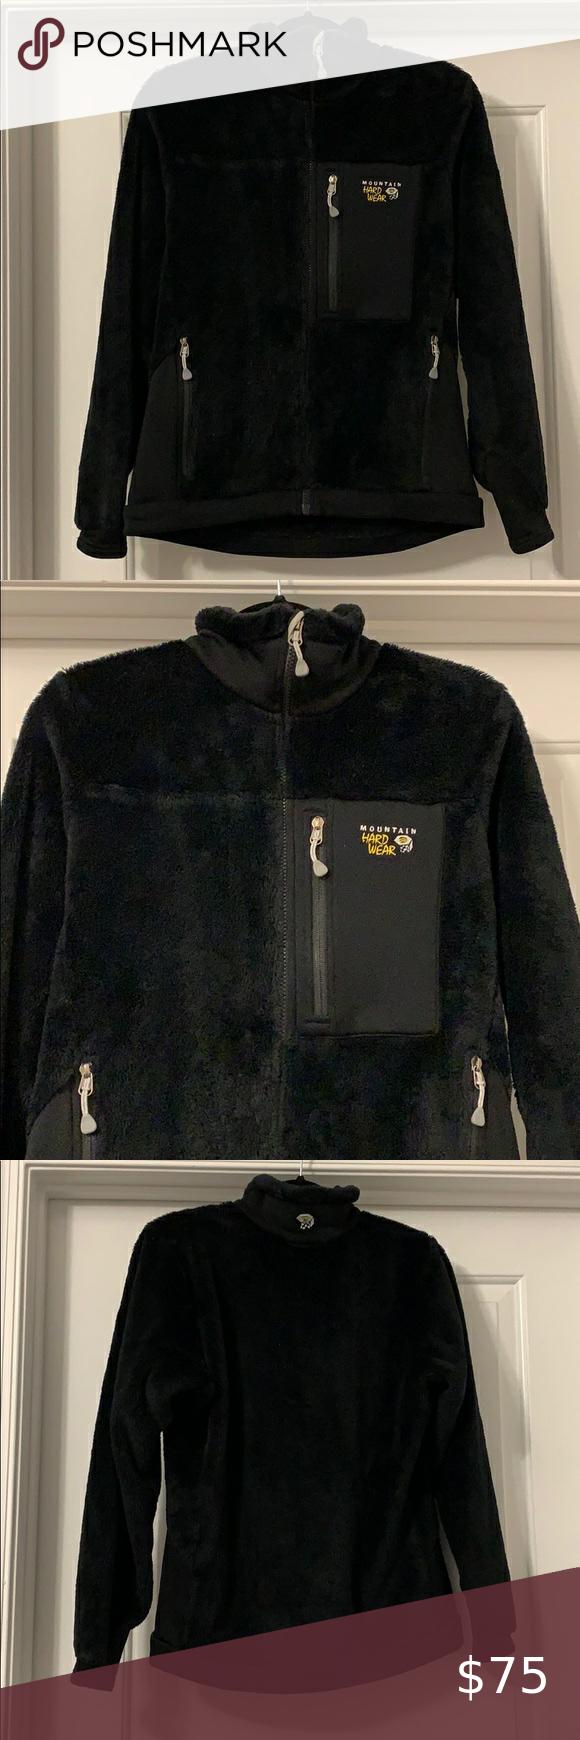 Women S Mountain Hardwear Fleece Jacket Fleece Jacket Mountain Hardwear Jacket Jackets [ 1740 x 580 Pixel ]